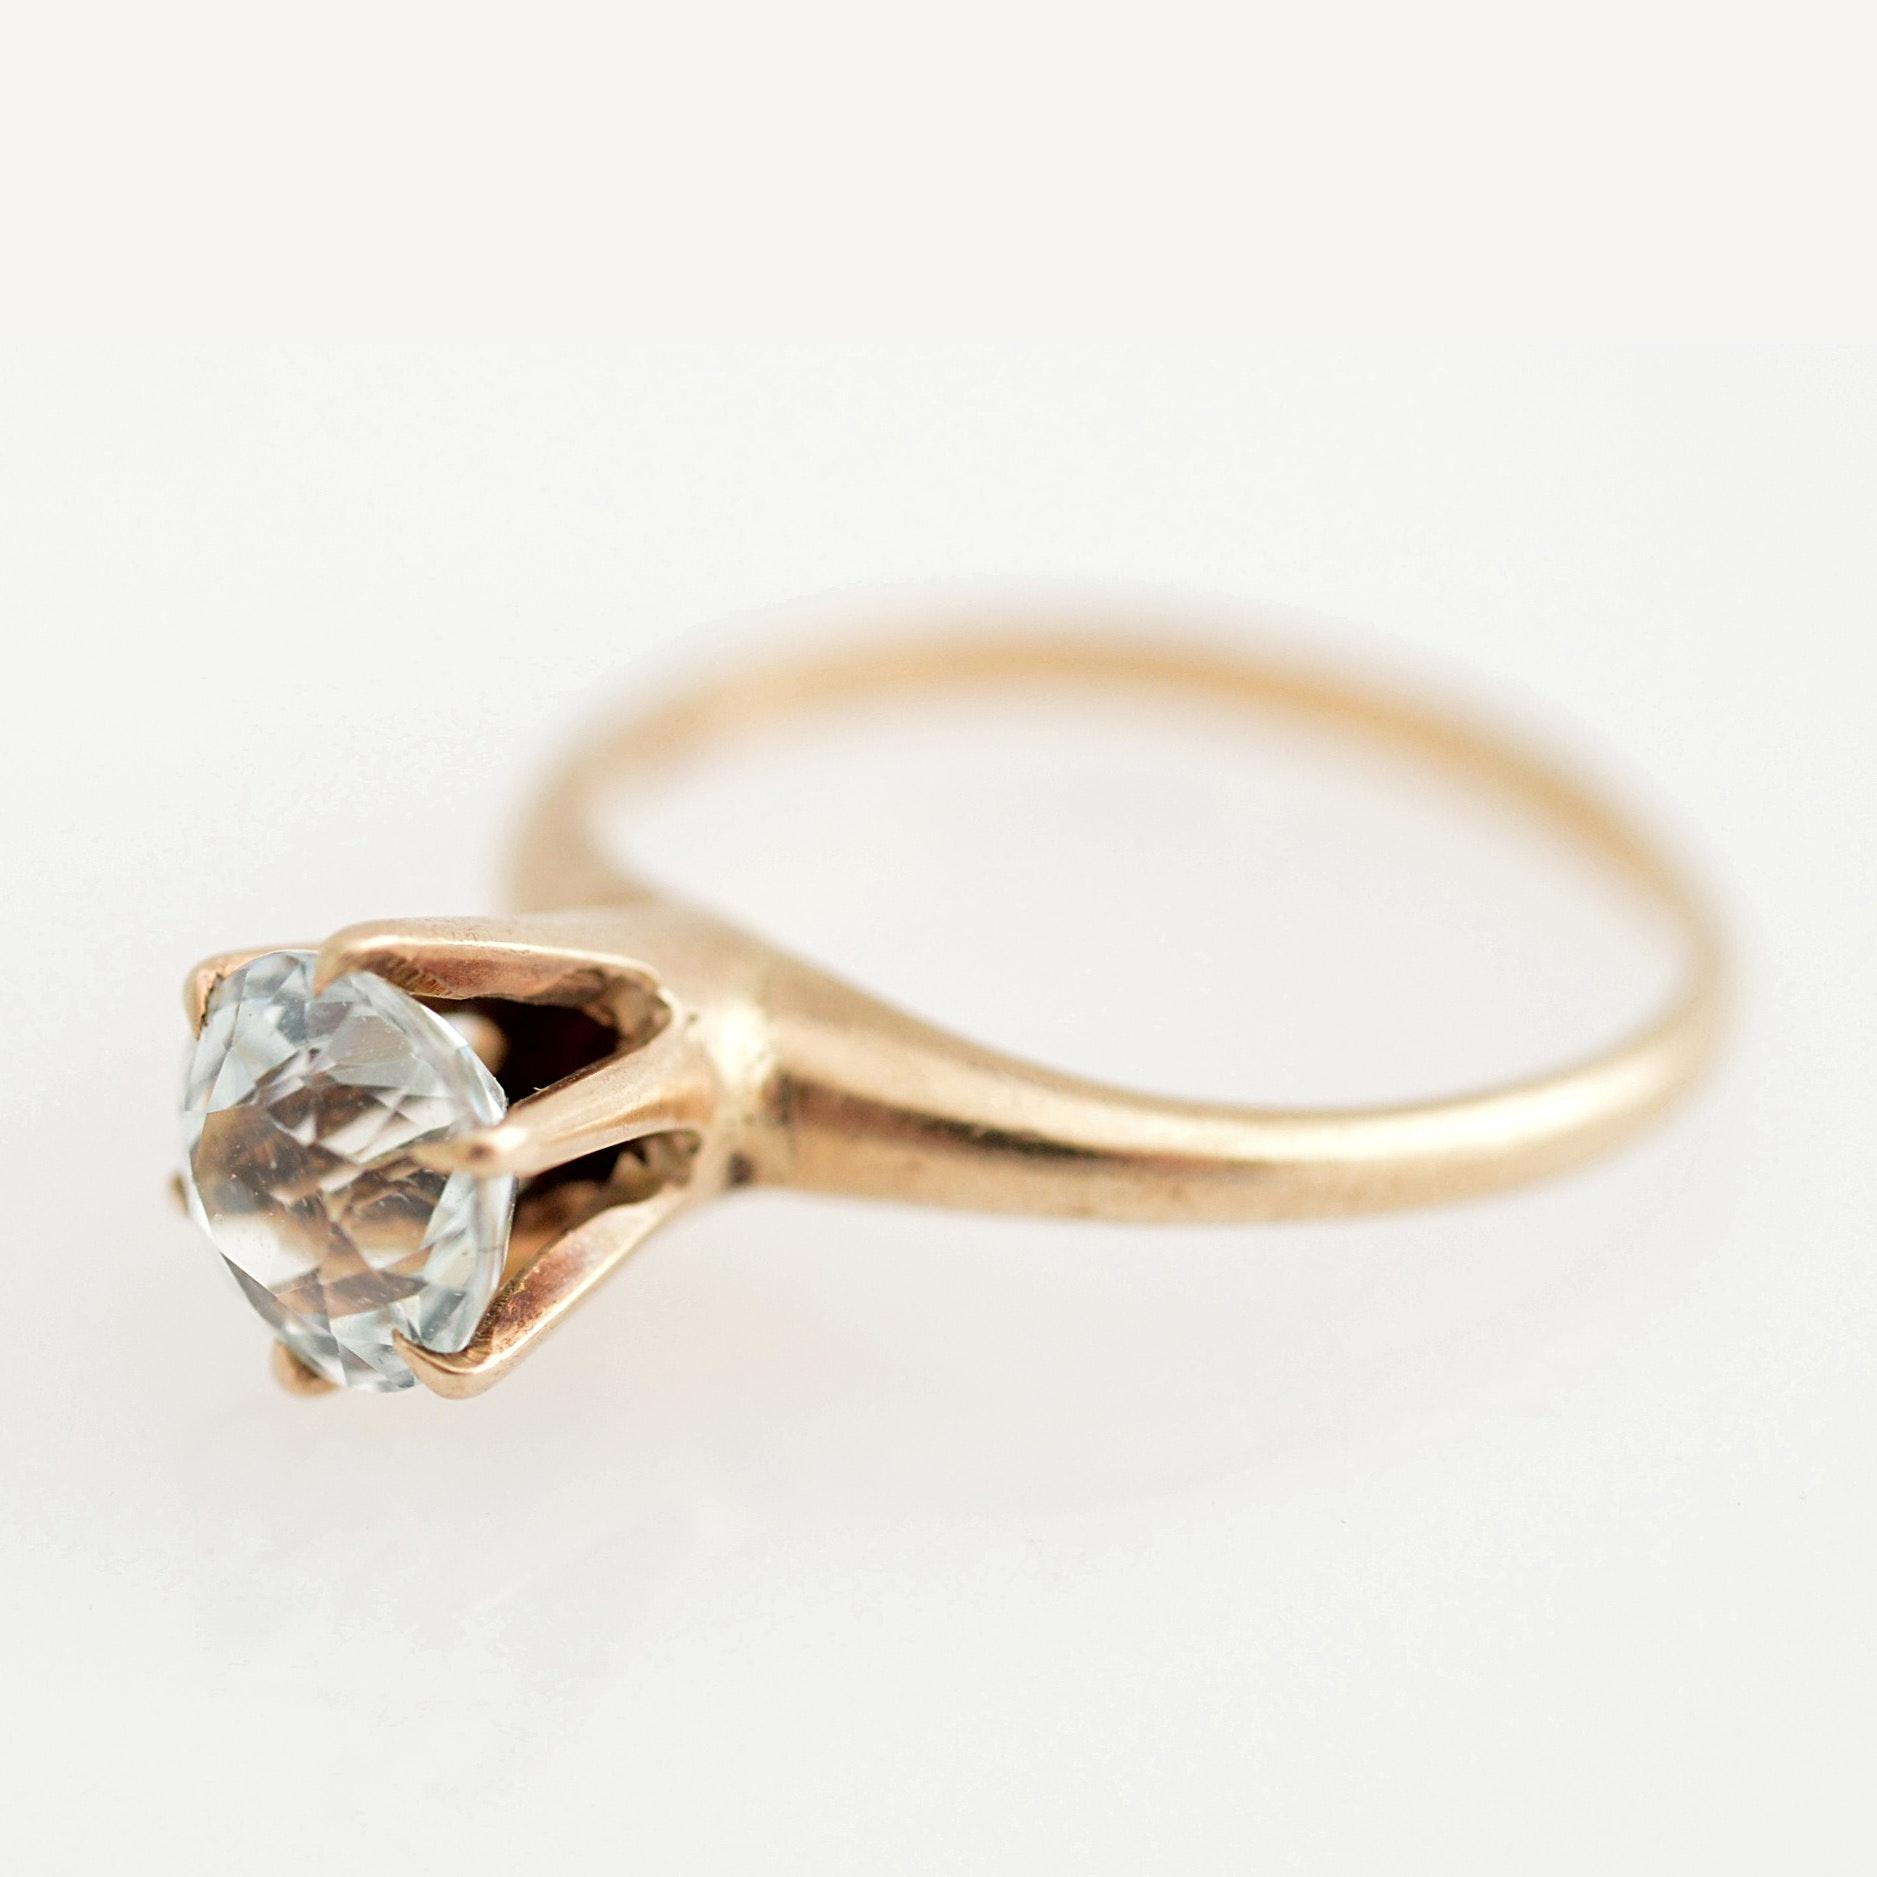 10K Yellow Gold and Aquamarine Ring